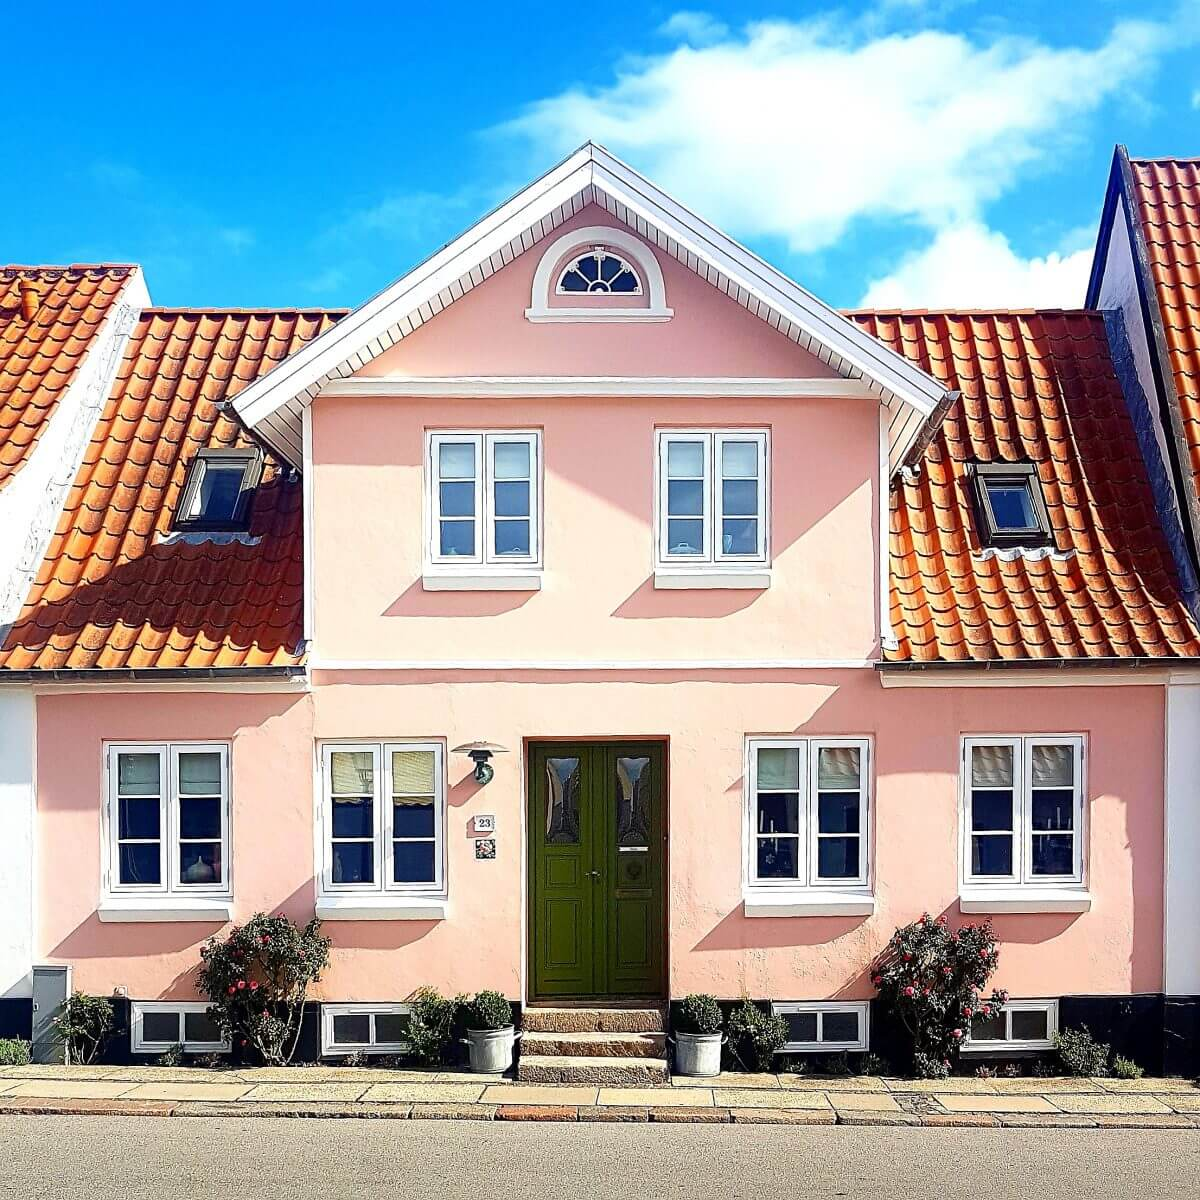 Vakantie met kids: sprookjesachtig Funen in Denemarken - de oude stad Bogense met strand en haven, gekleurde huizen